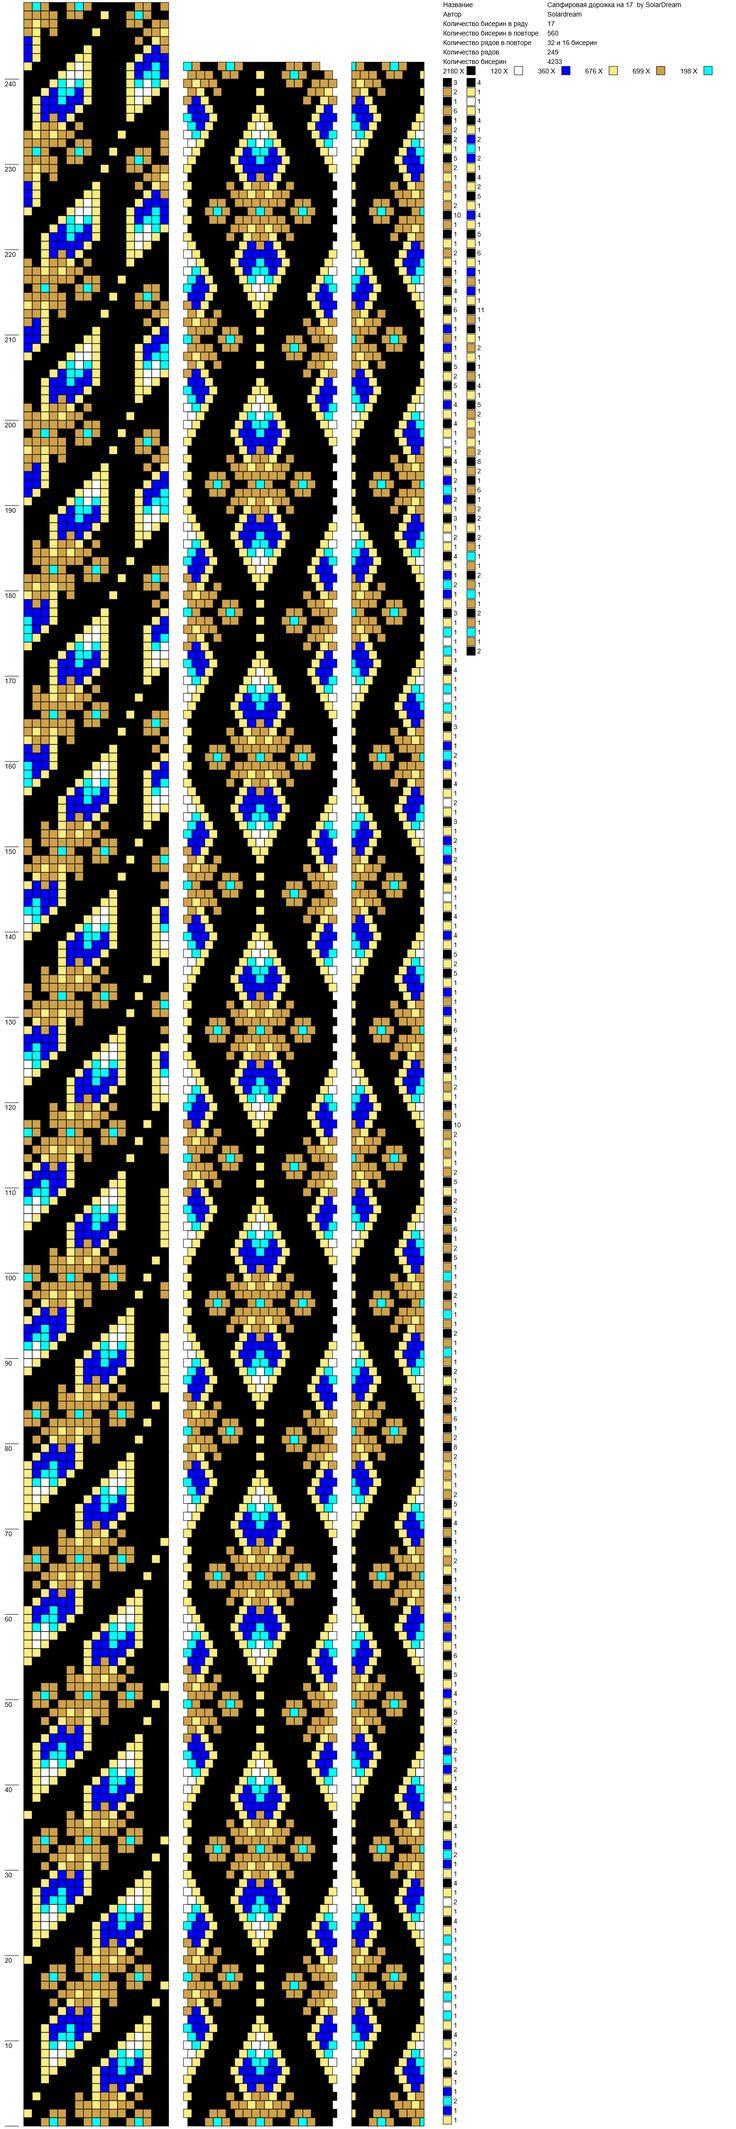 Sapfirovaya_Dorozhka_Na_17_by_SolarDream.png (1553×4493)